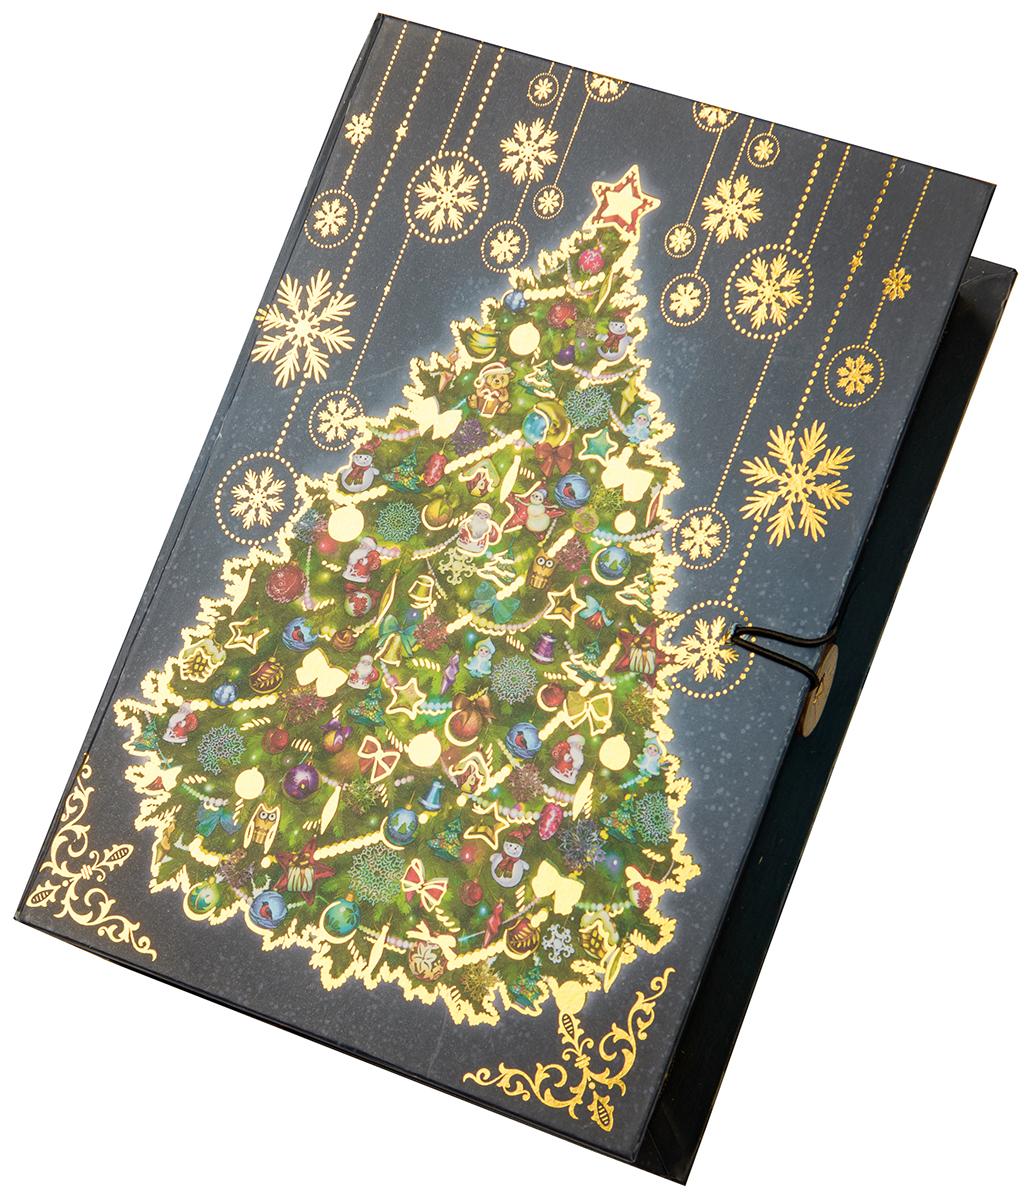 Коробка подарочная Magic Time Новогодняя ночь, размер S. 7502275022Подарочная коробка Magic Time, выполненная из мелованного, ламинированного картона, закрывается на пуговицу. Крышка оформлена декоративным рисунком. Подарочная коробка - это наилучшее решение, если вы хотите порадовать ваших близких и создать праздничное настроение, ведь подарок, преподнесенный в оригинальной упаковке, всегда будет самым эффектным и запоминающимся. Окружите близких людей вниманием и заботой, вручив презент в нарядном, праздничном оформлении.Плотность картона: 1100 г/м2.